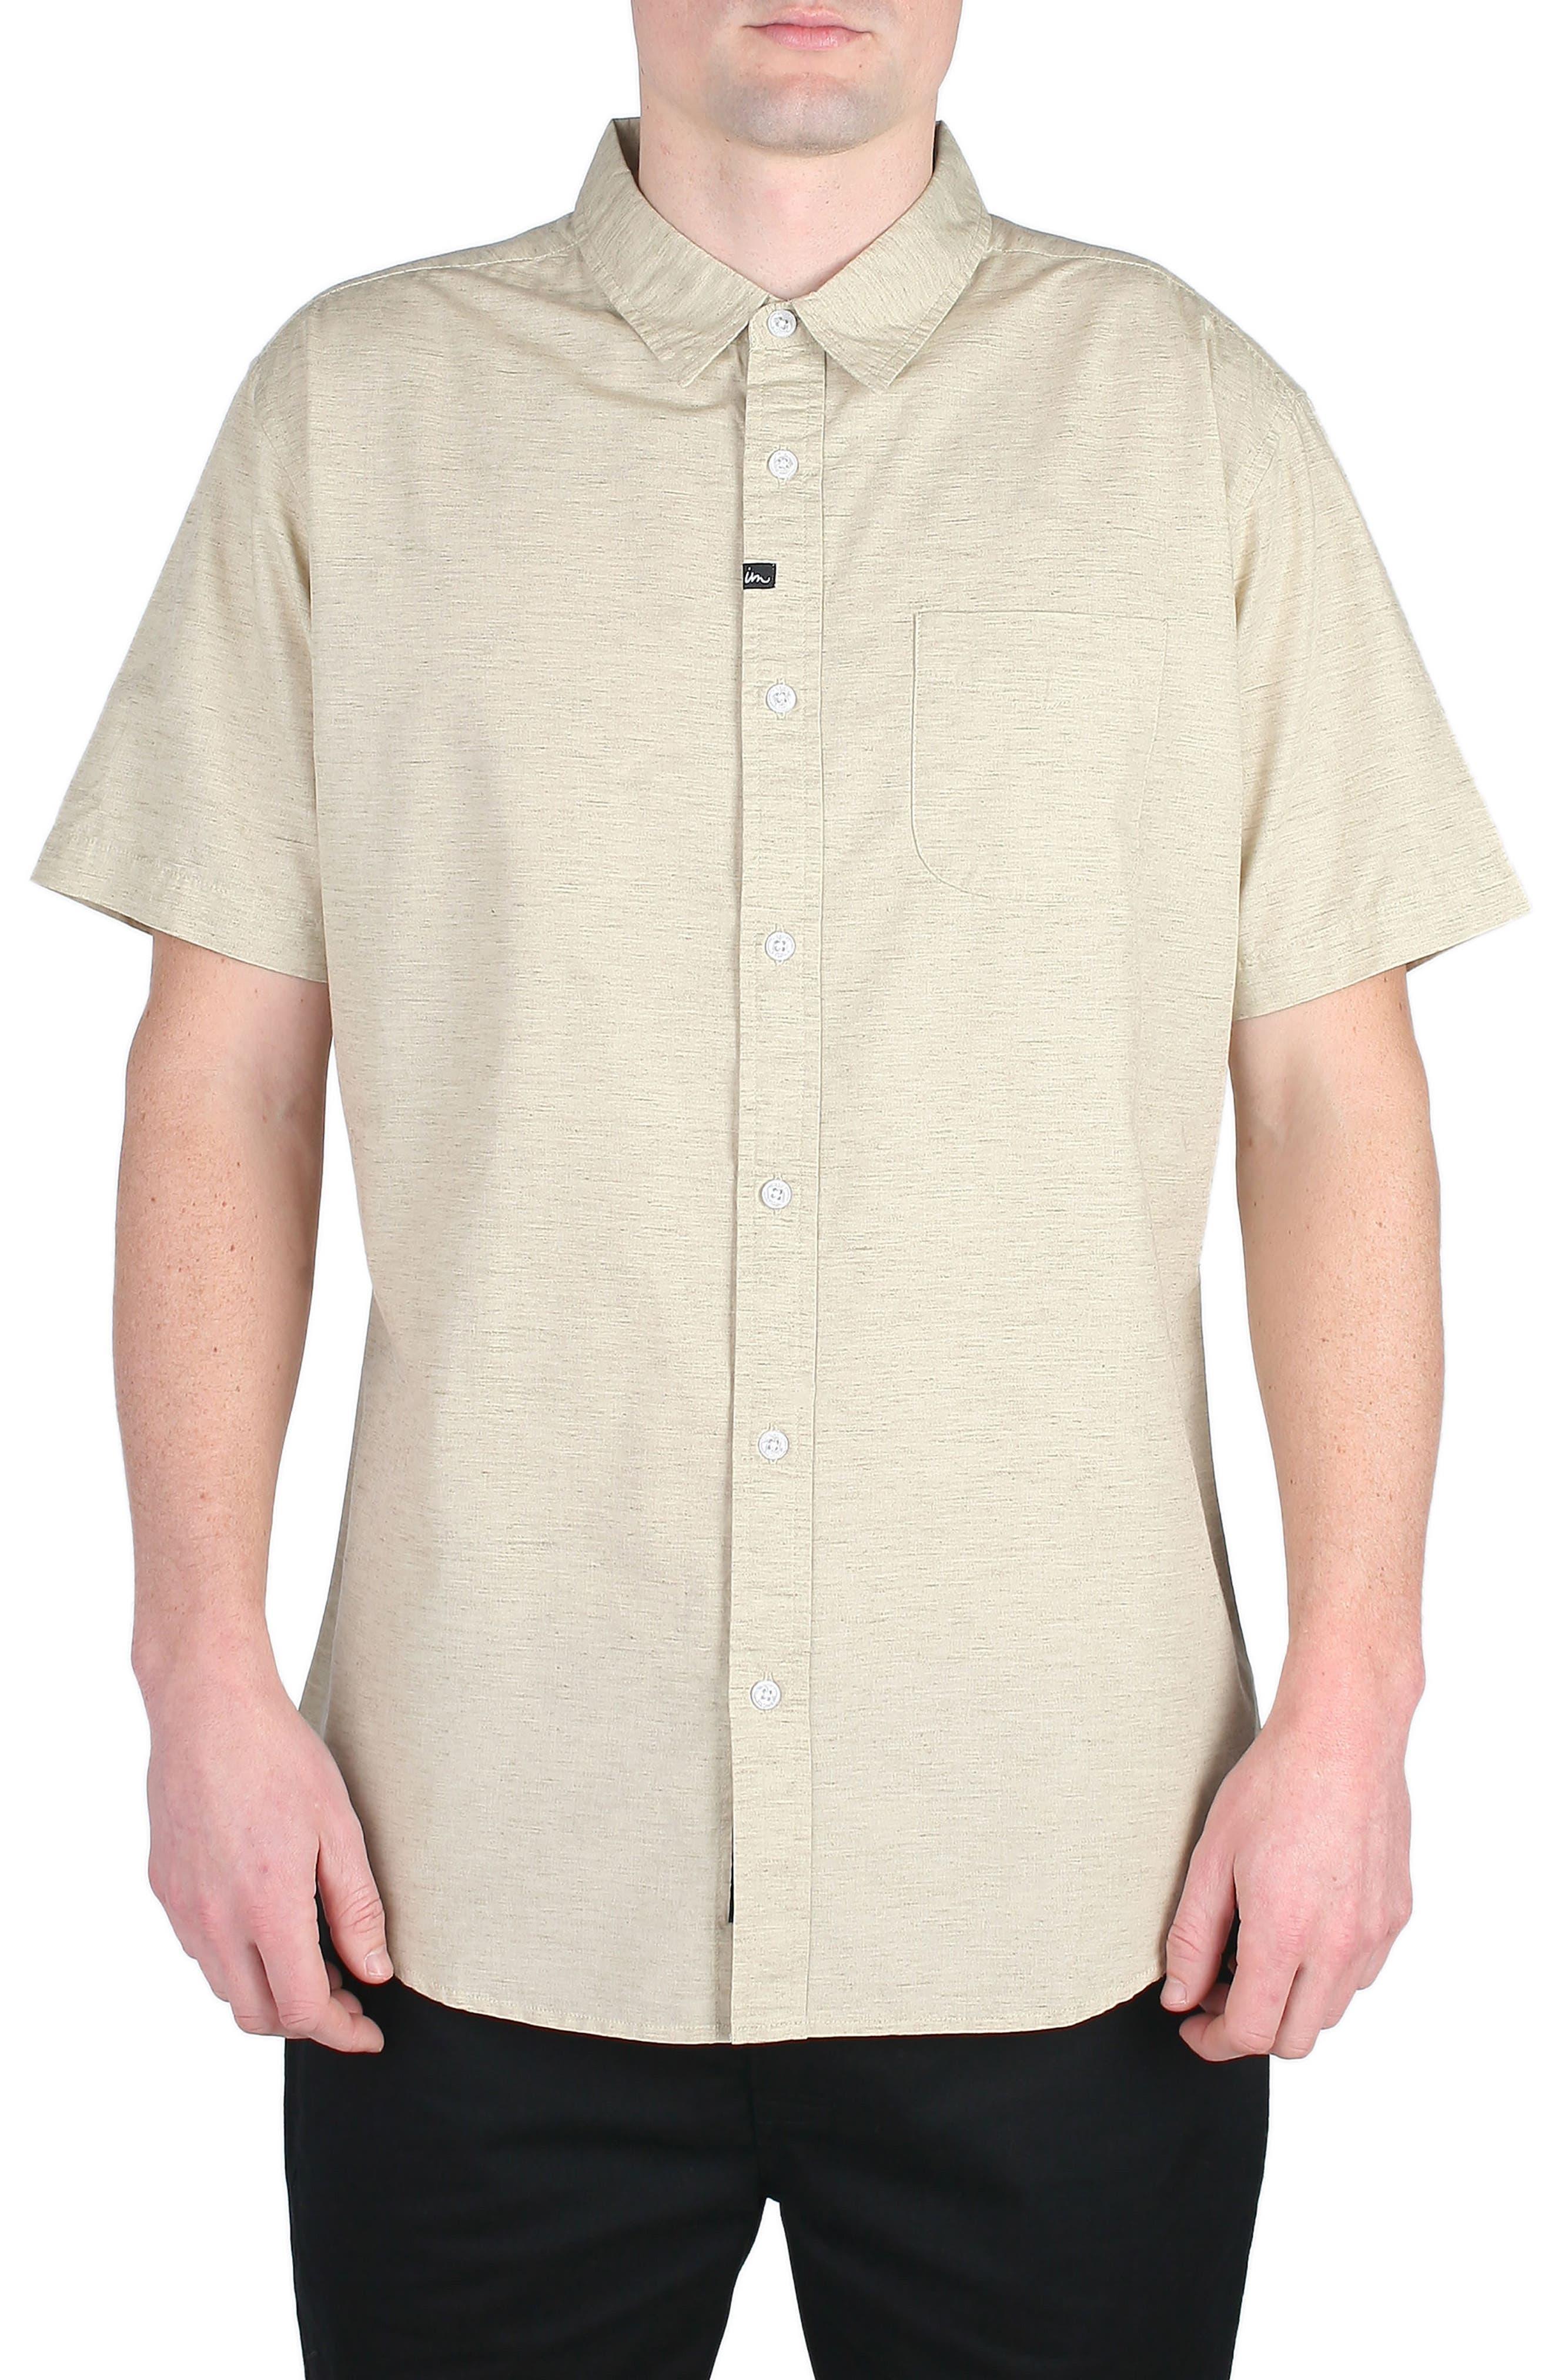 Triumph Woven Shirt,                         Main,                         color, 250